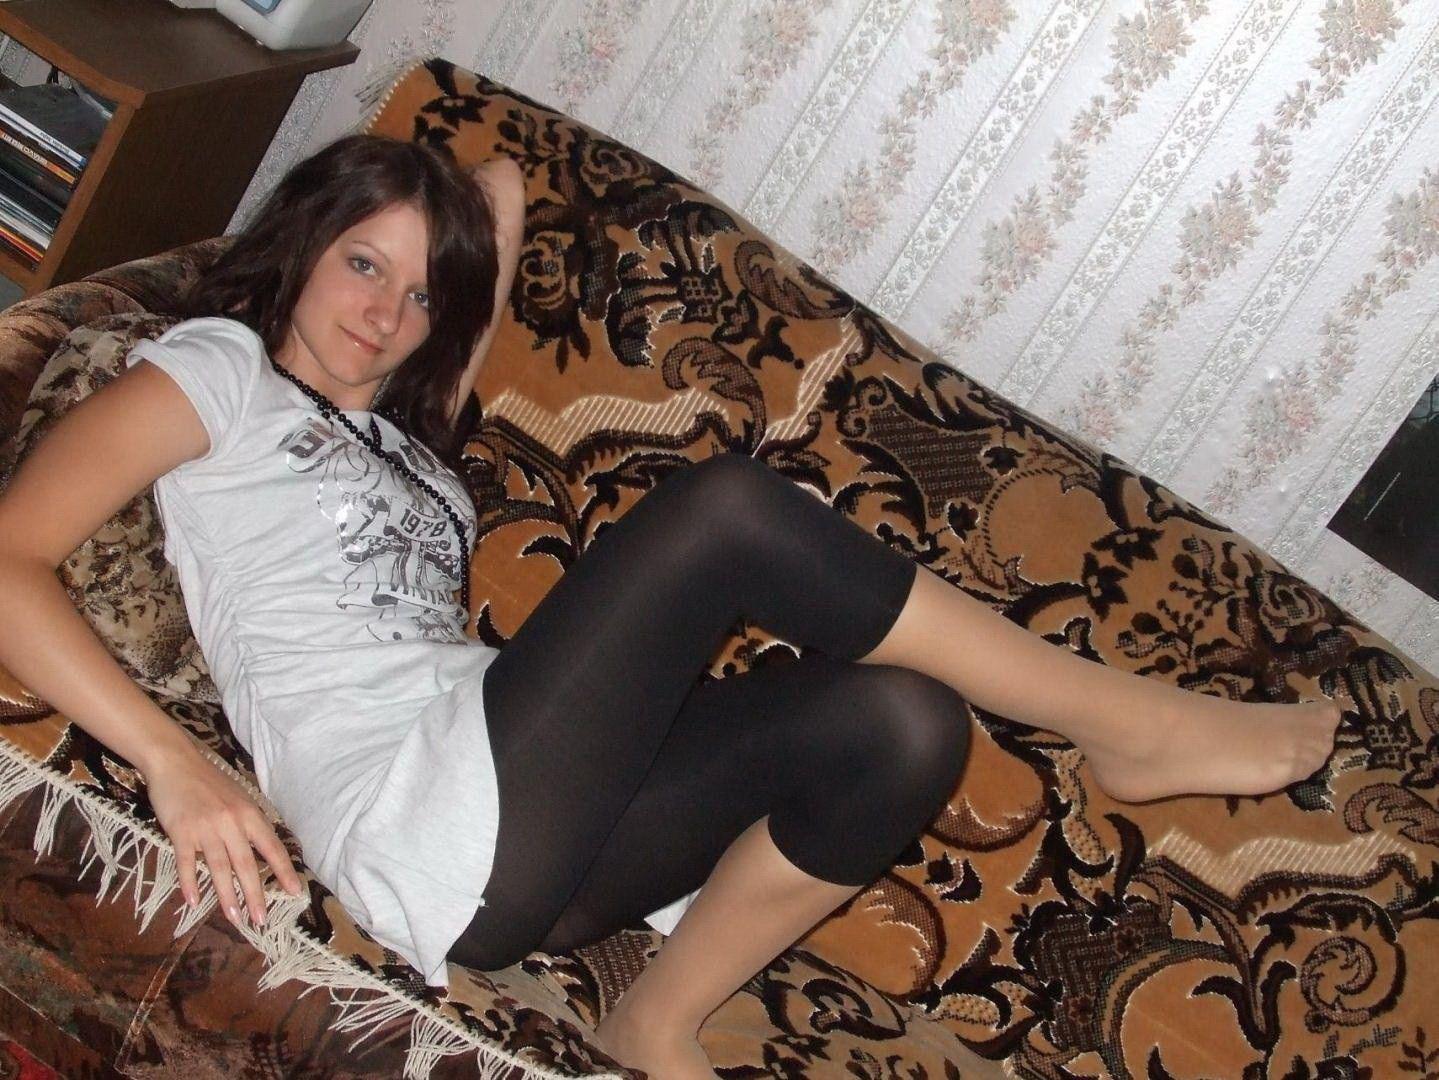 перевитый венами, фото личные девок в колготках полуночи